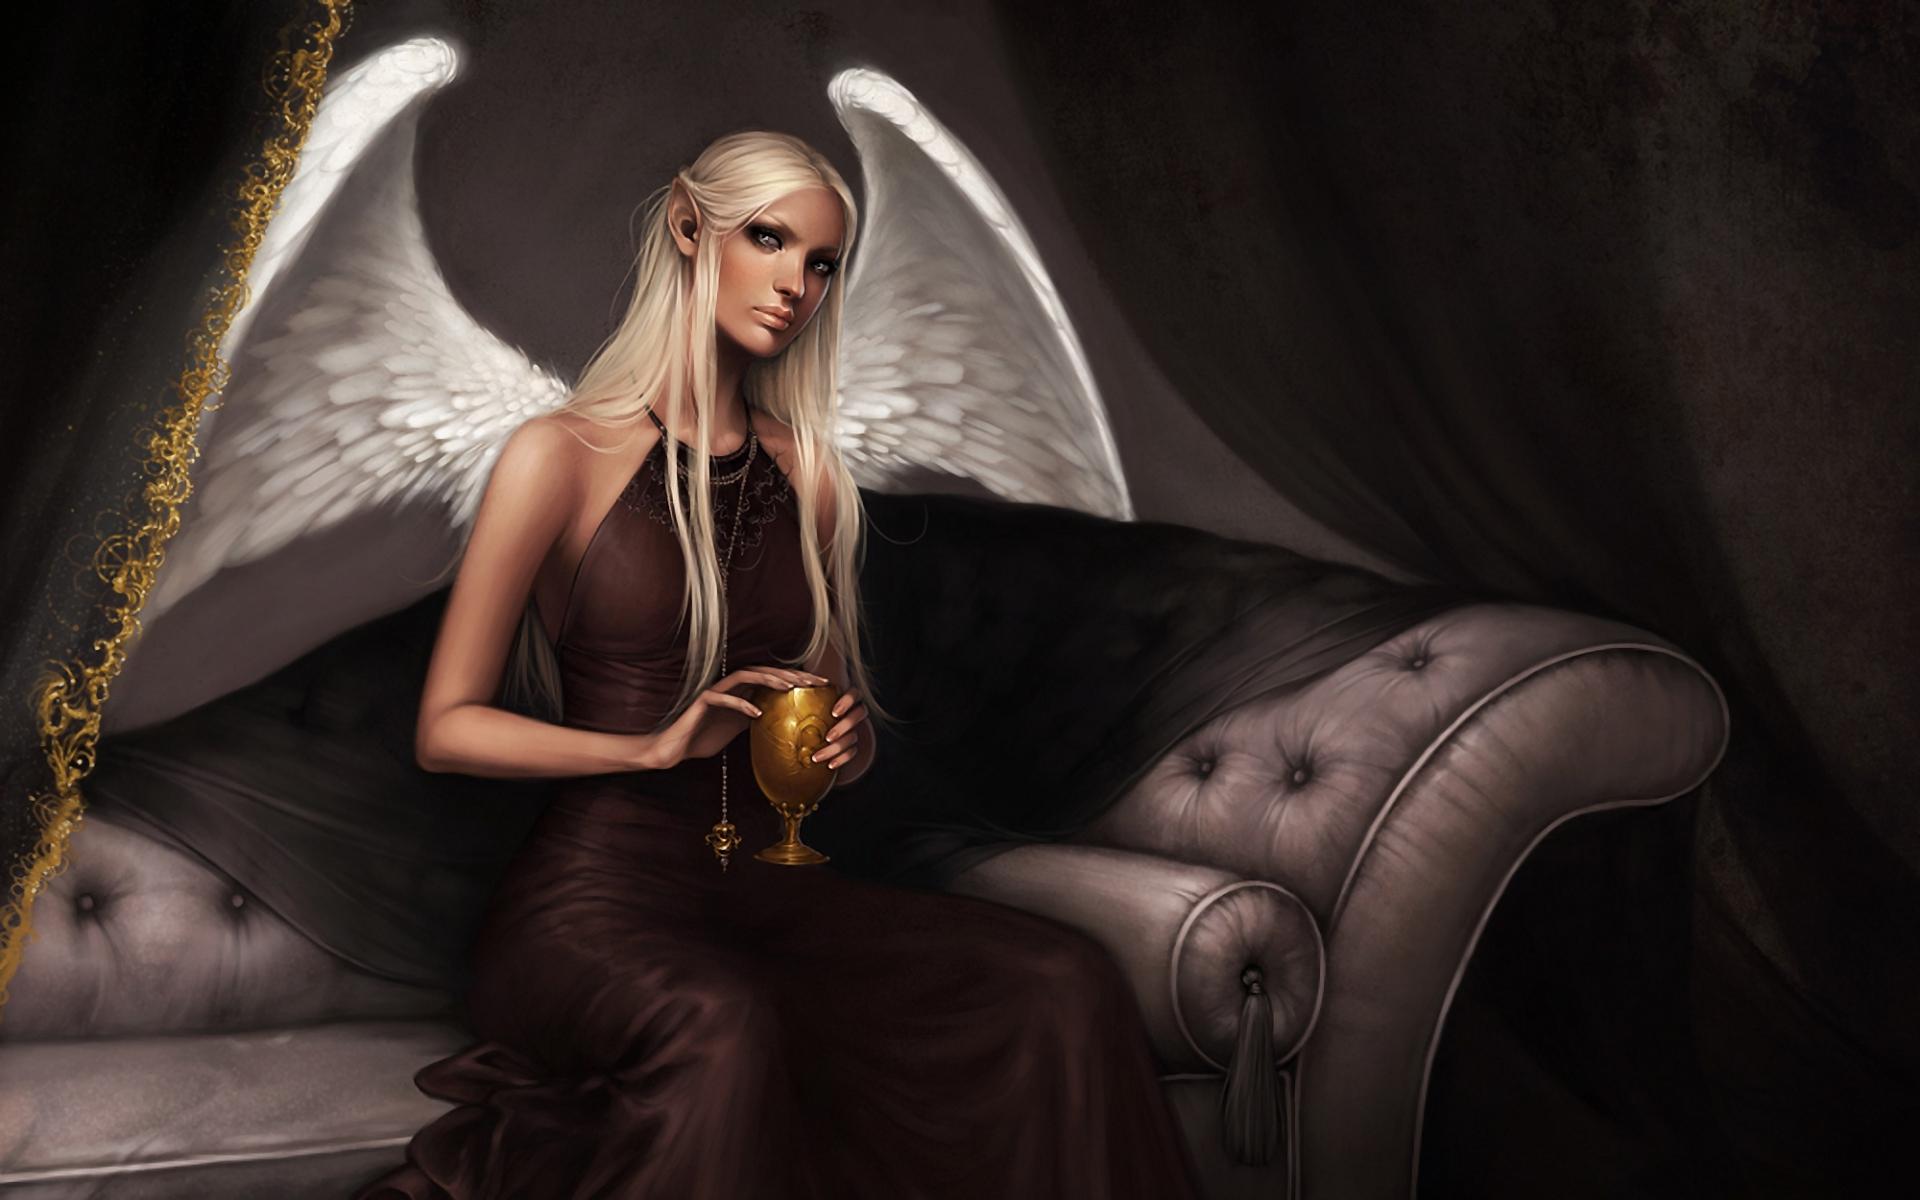 Fantasy Angel 1920x1200